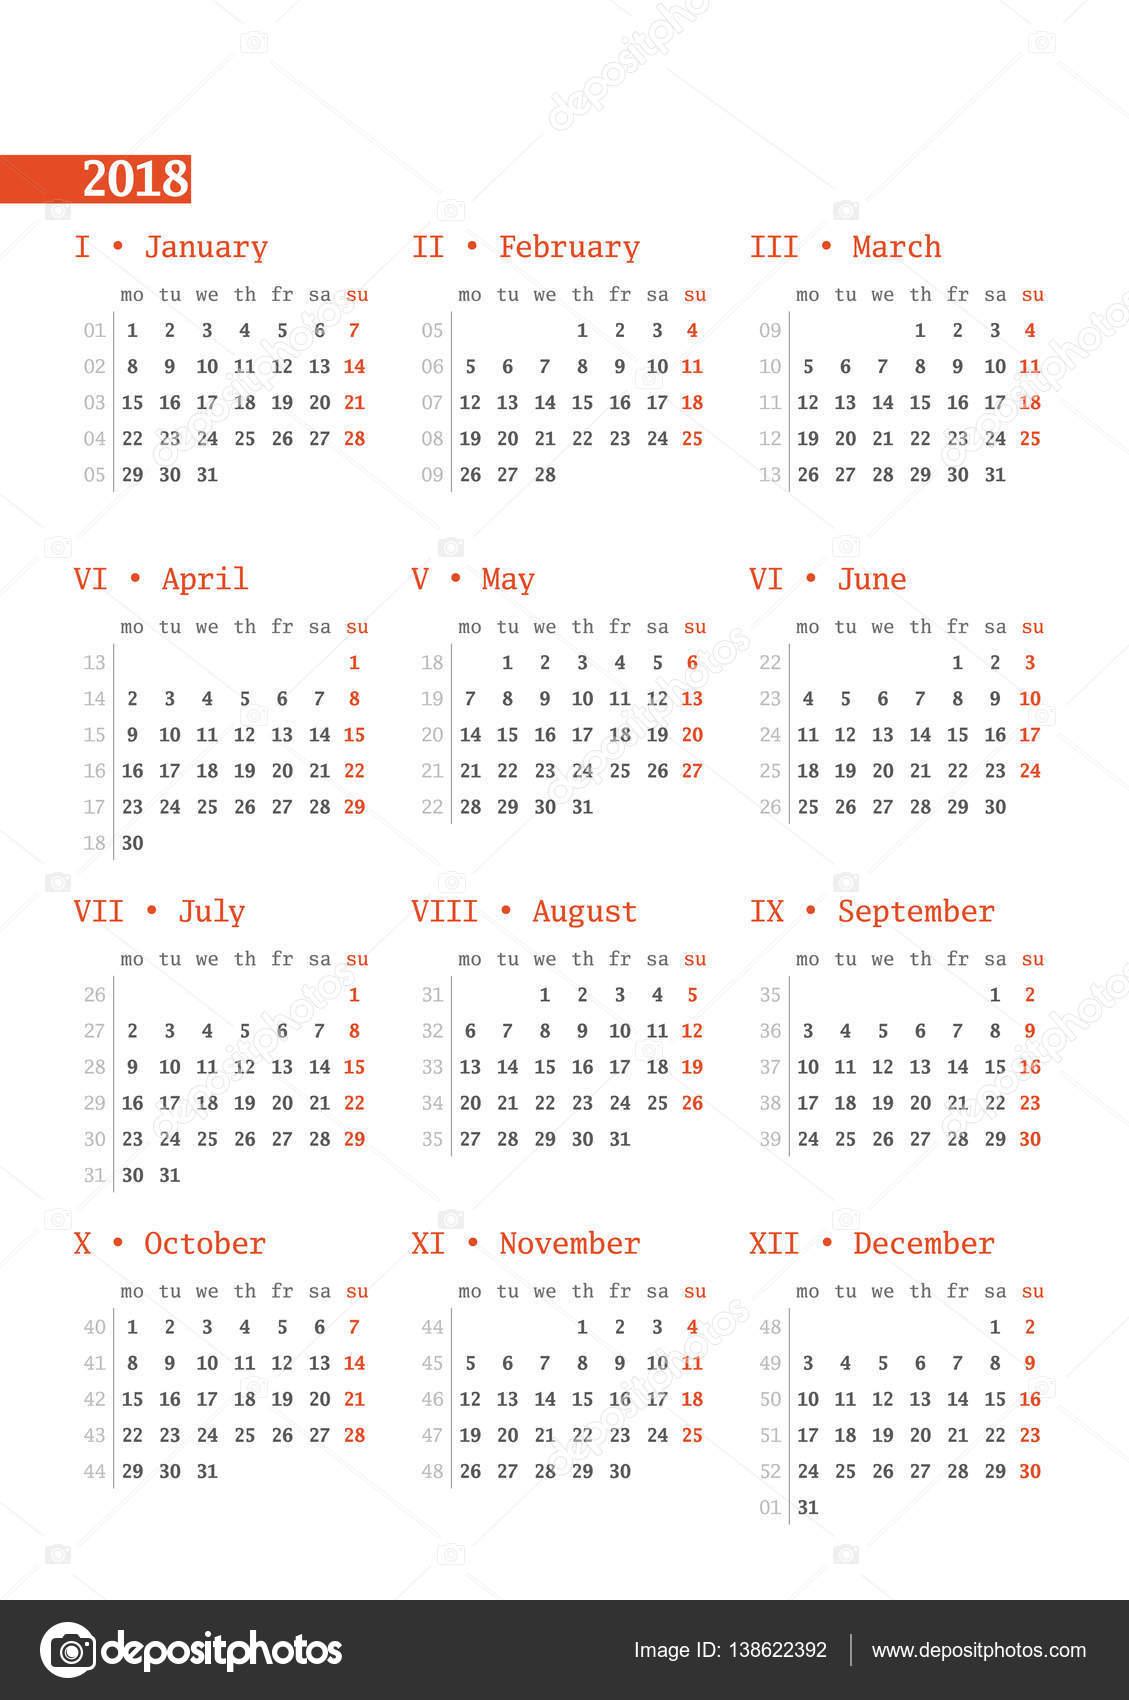 Календарь свадьбы на 2018 год свадьба